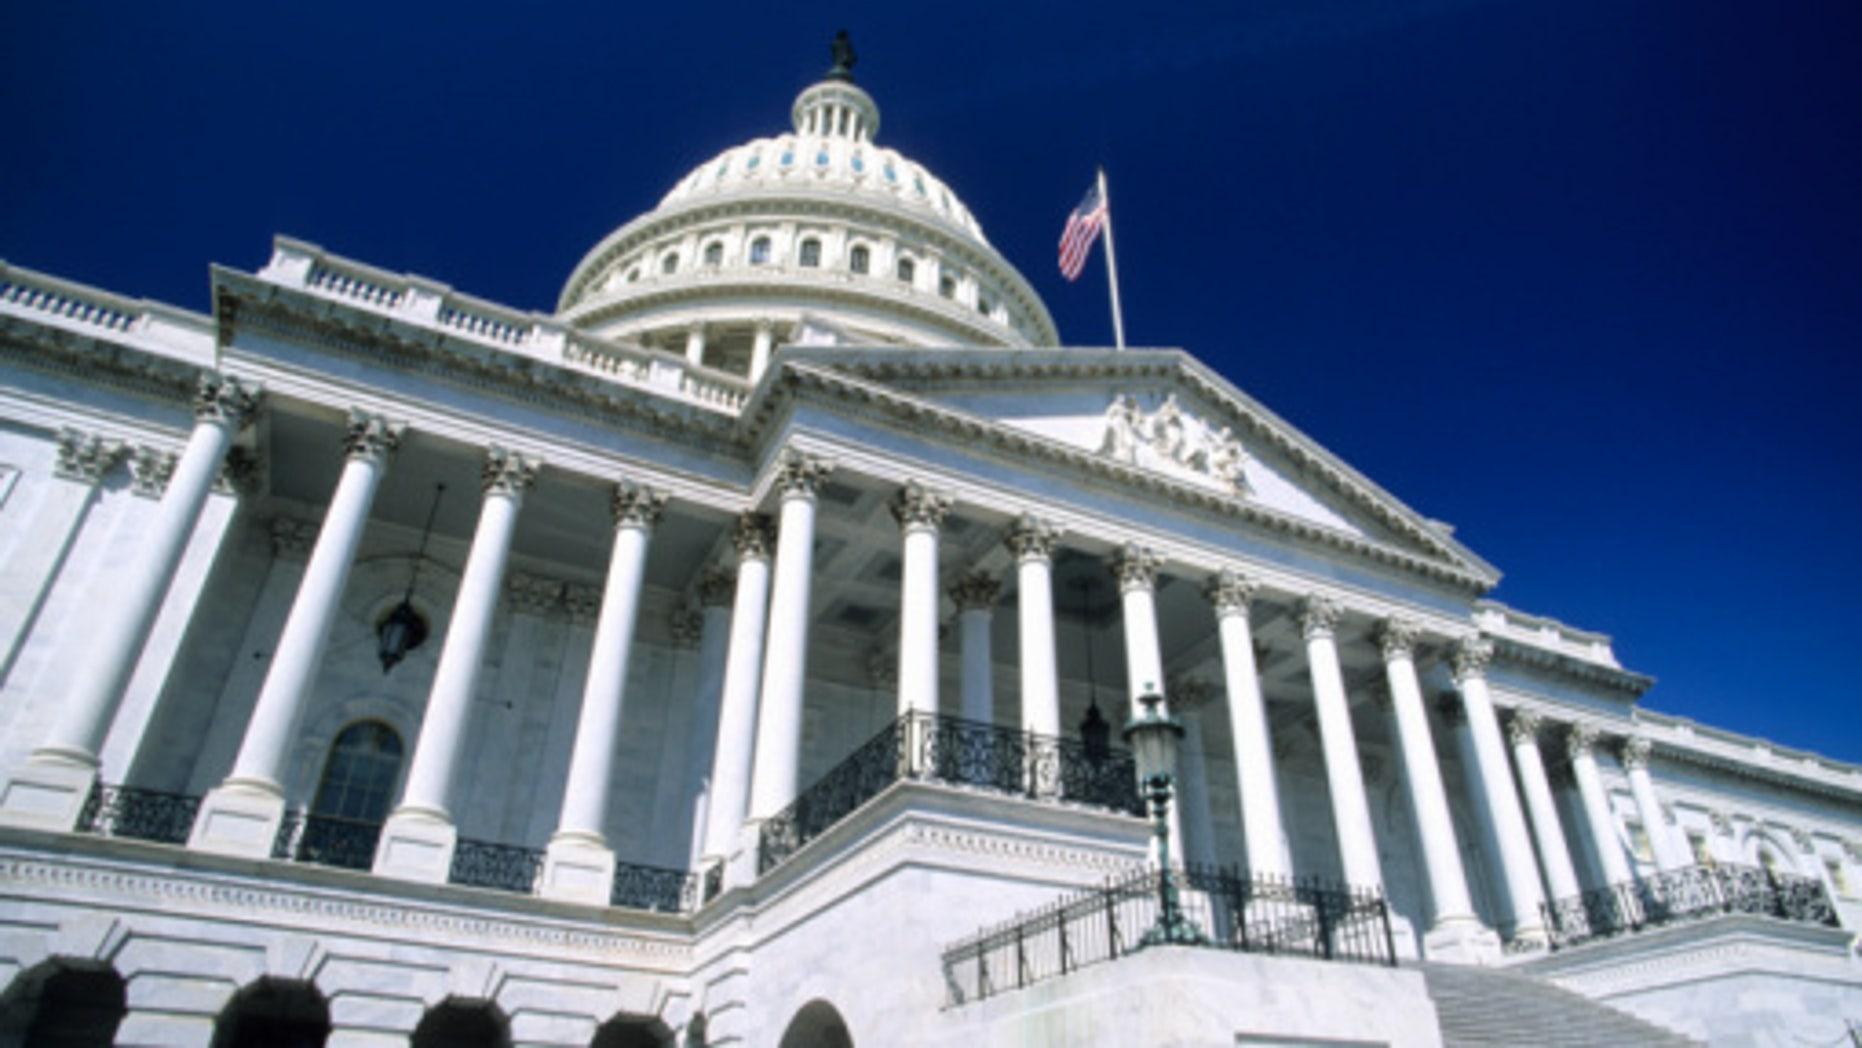 United States Capitol Building-Washington DC, USA